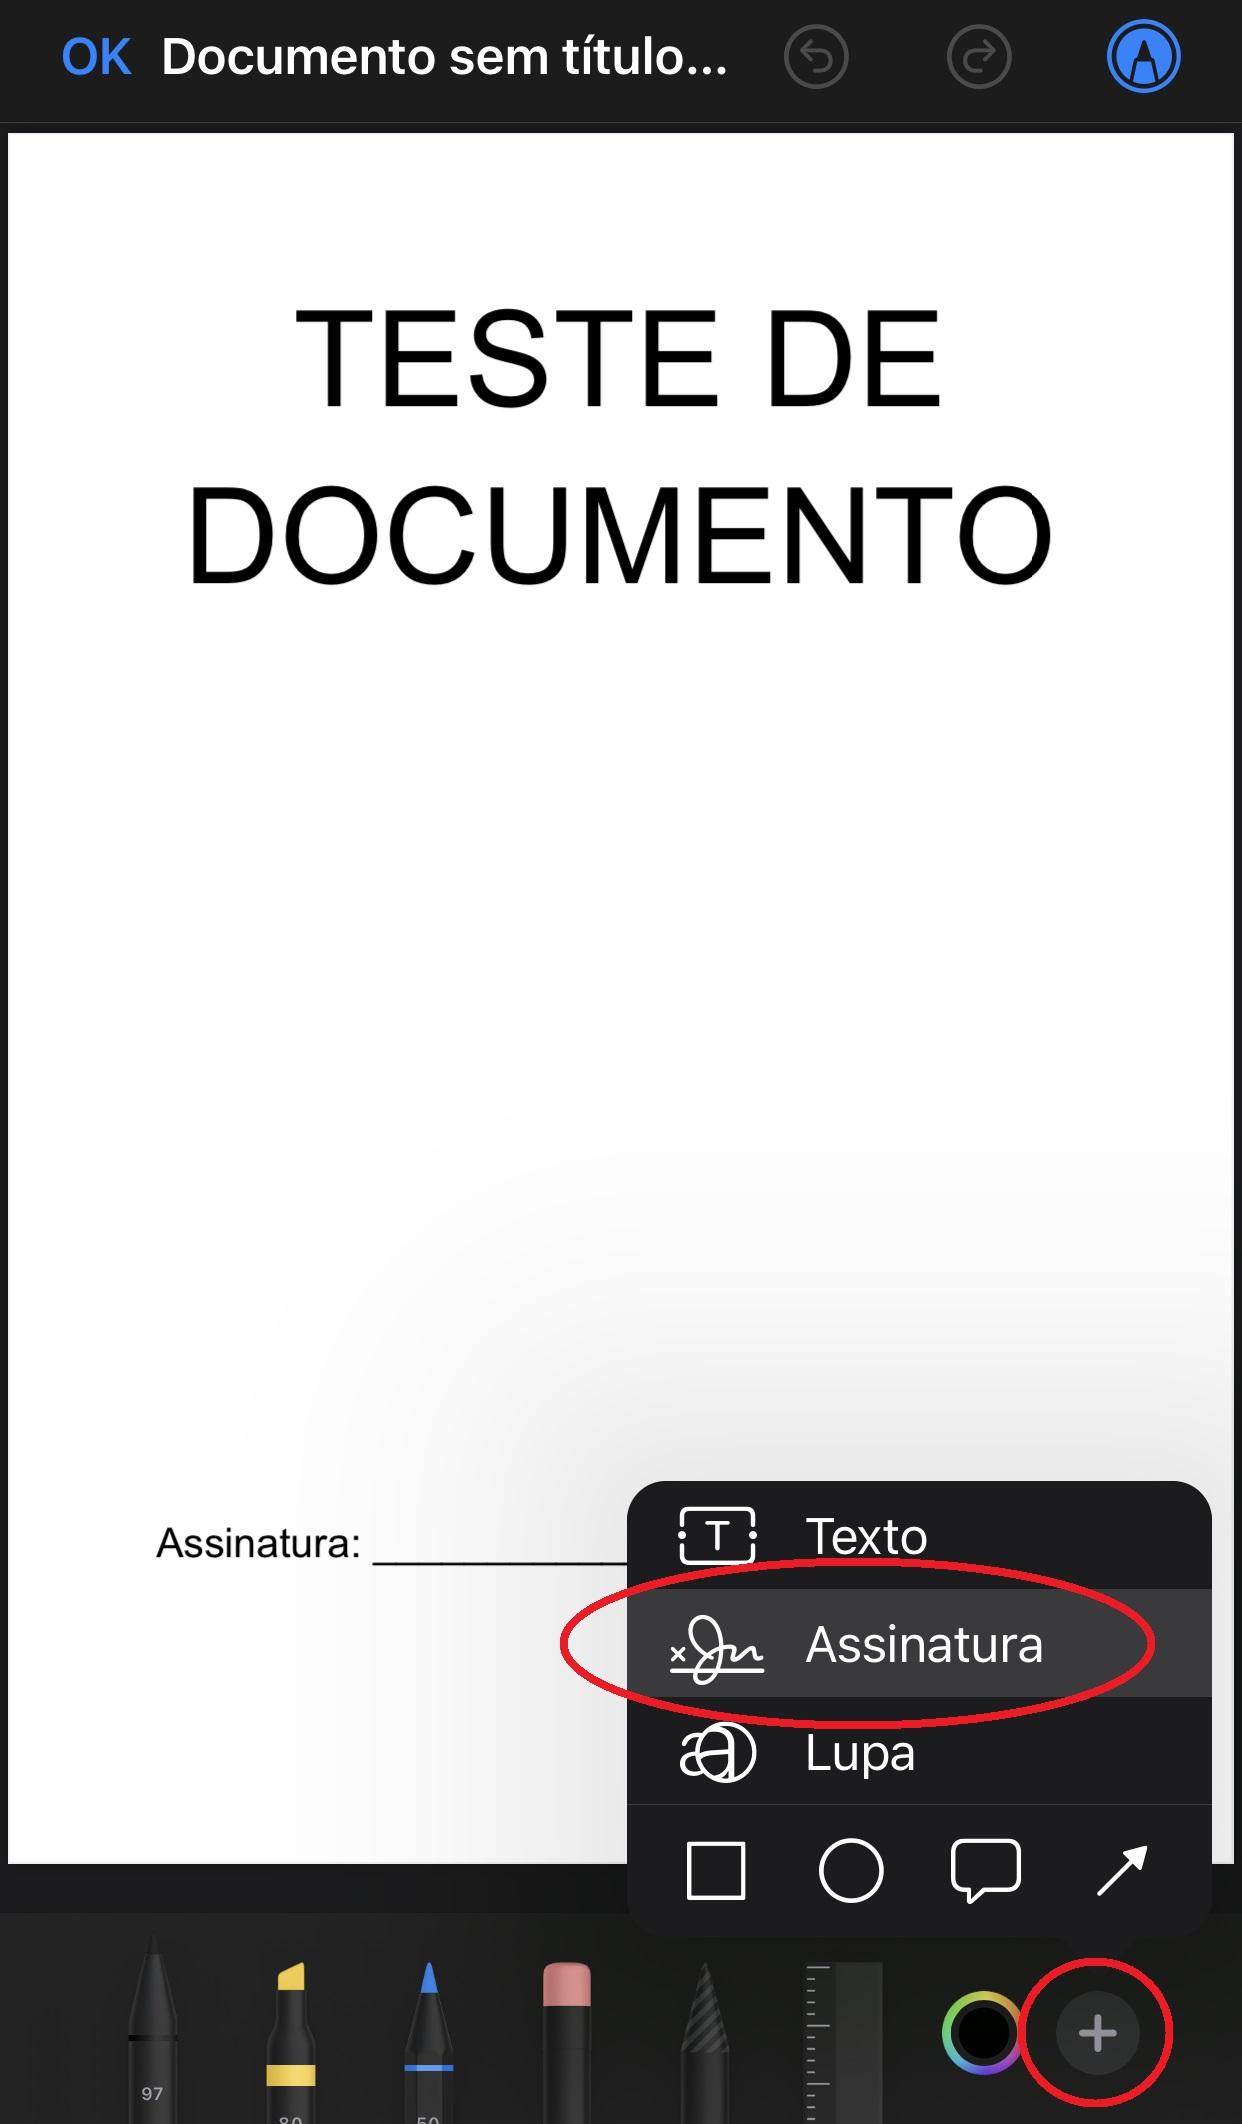 """Aperte na opção """"Assinatura"""" para criar a sua no documento"""